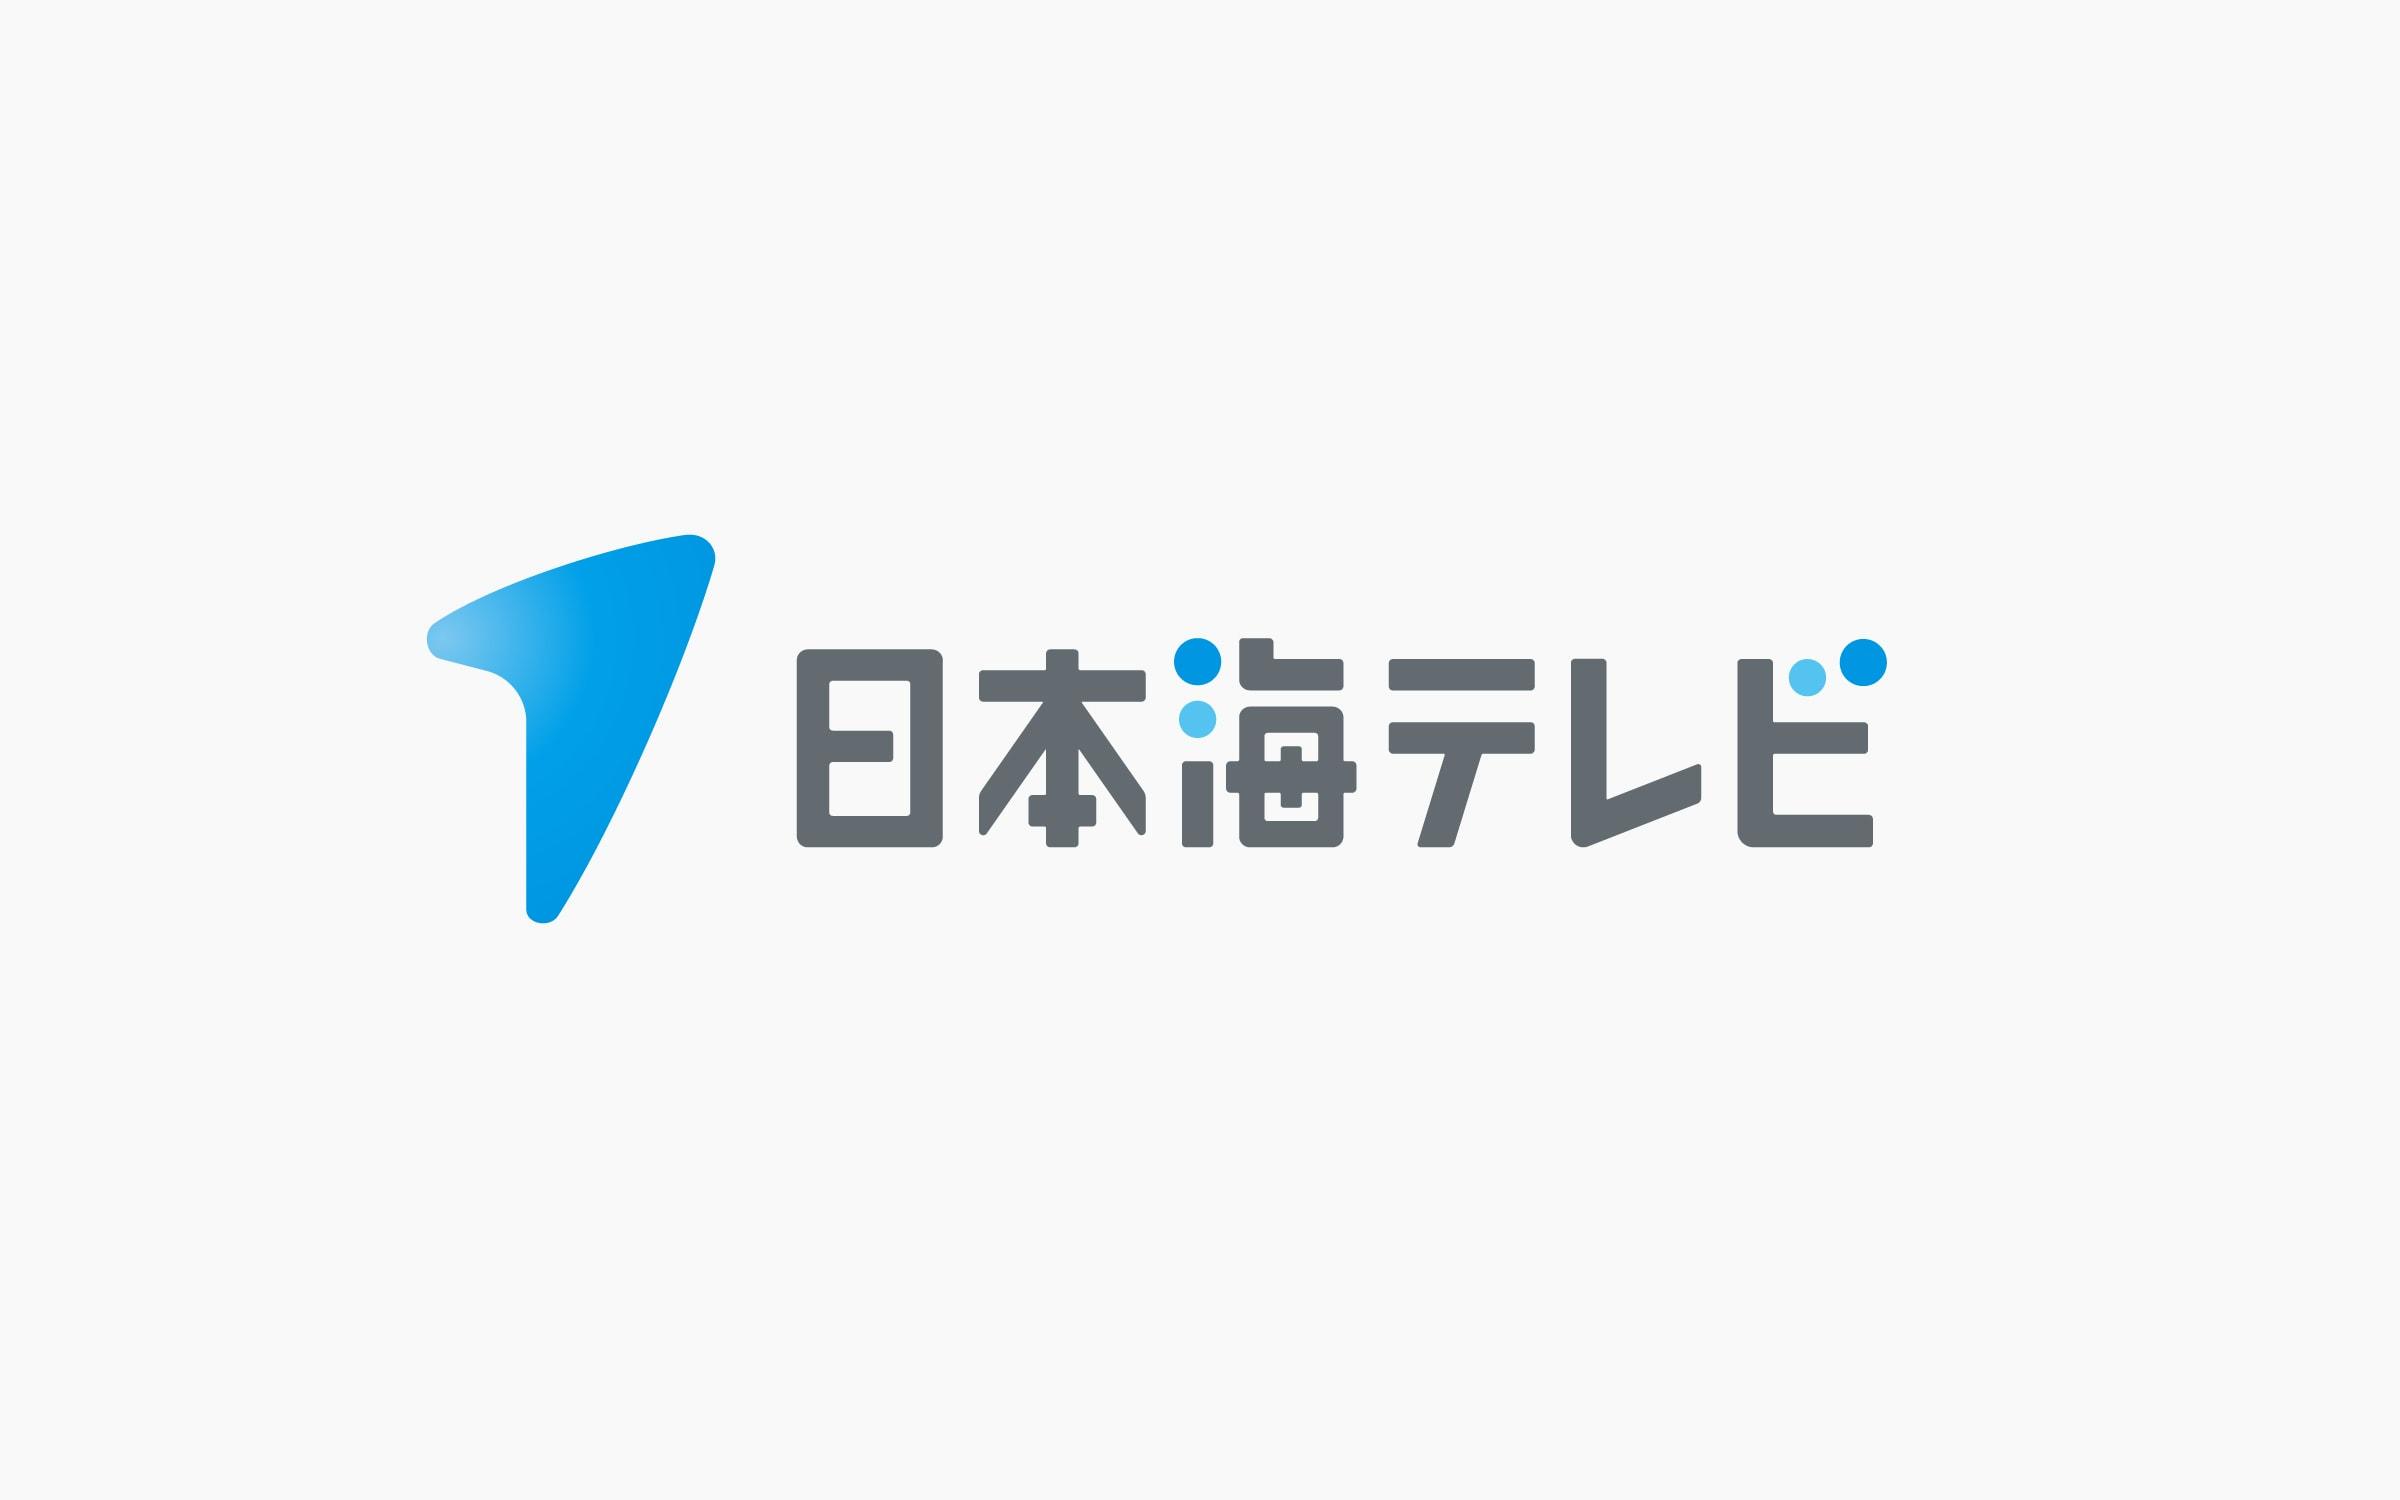 日本海テレビ CI|制作事例|株式会社デザインバンク